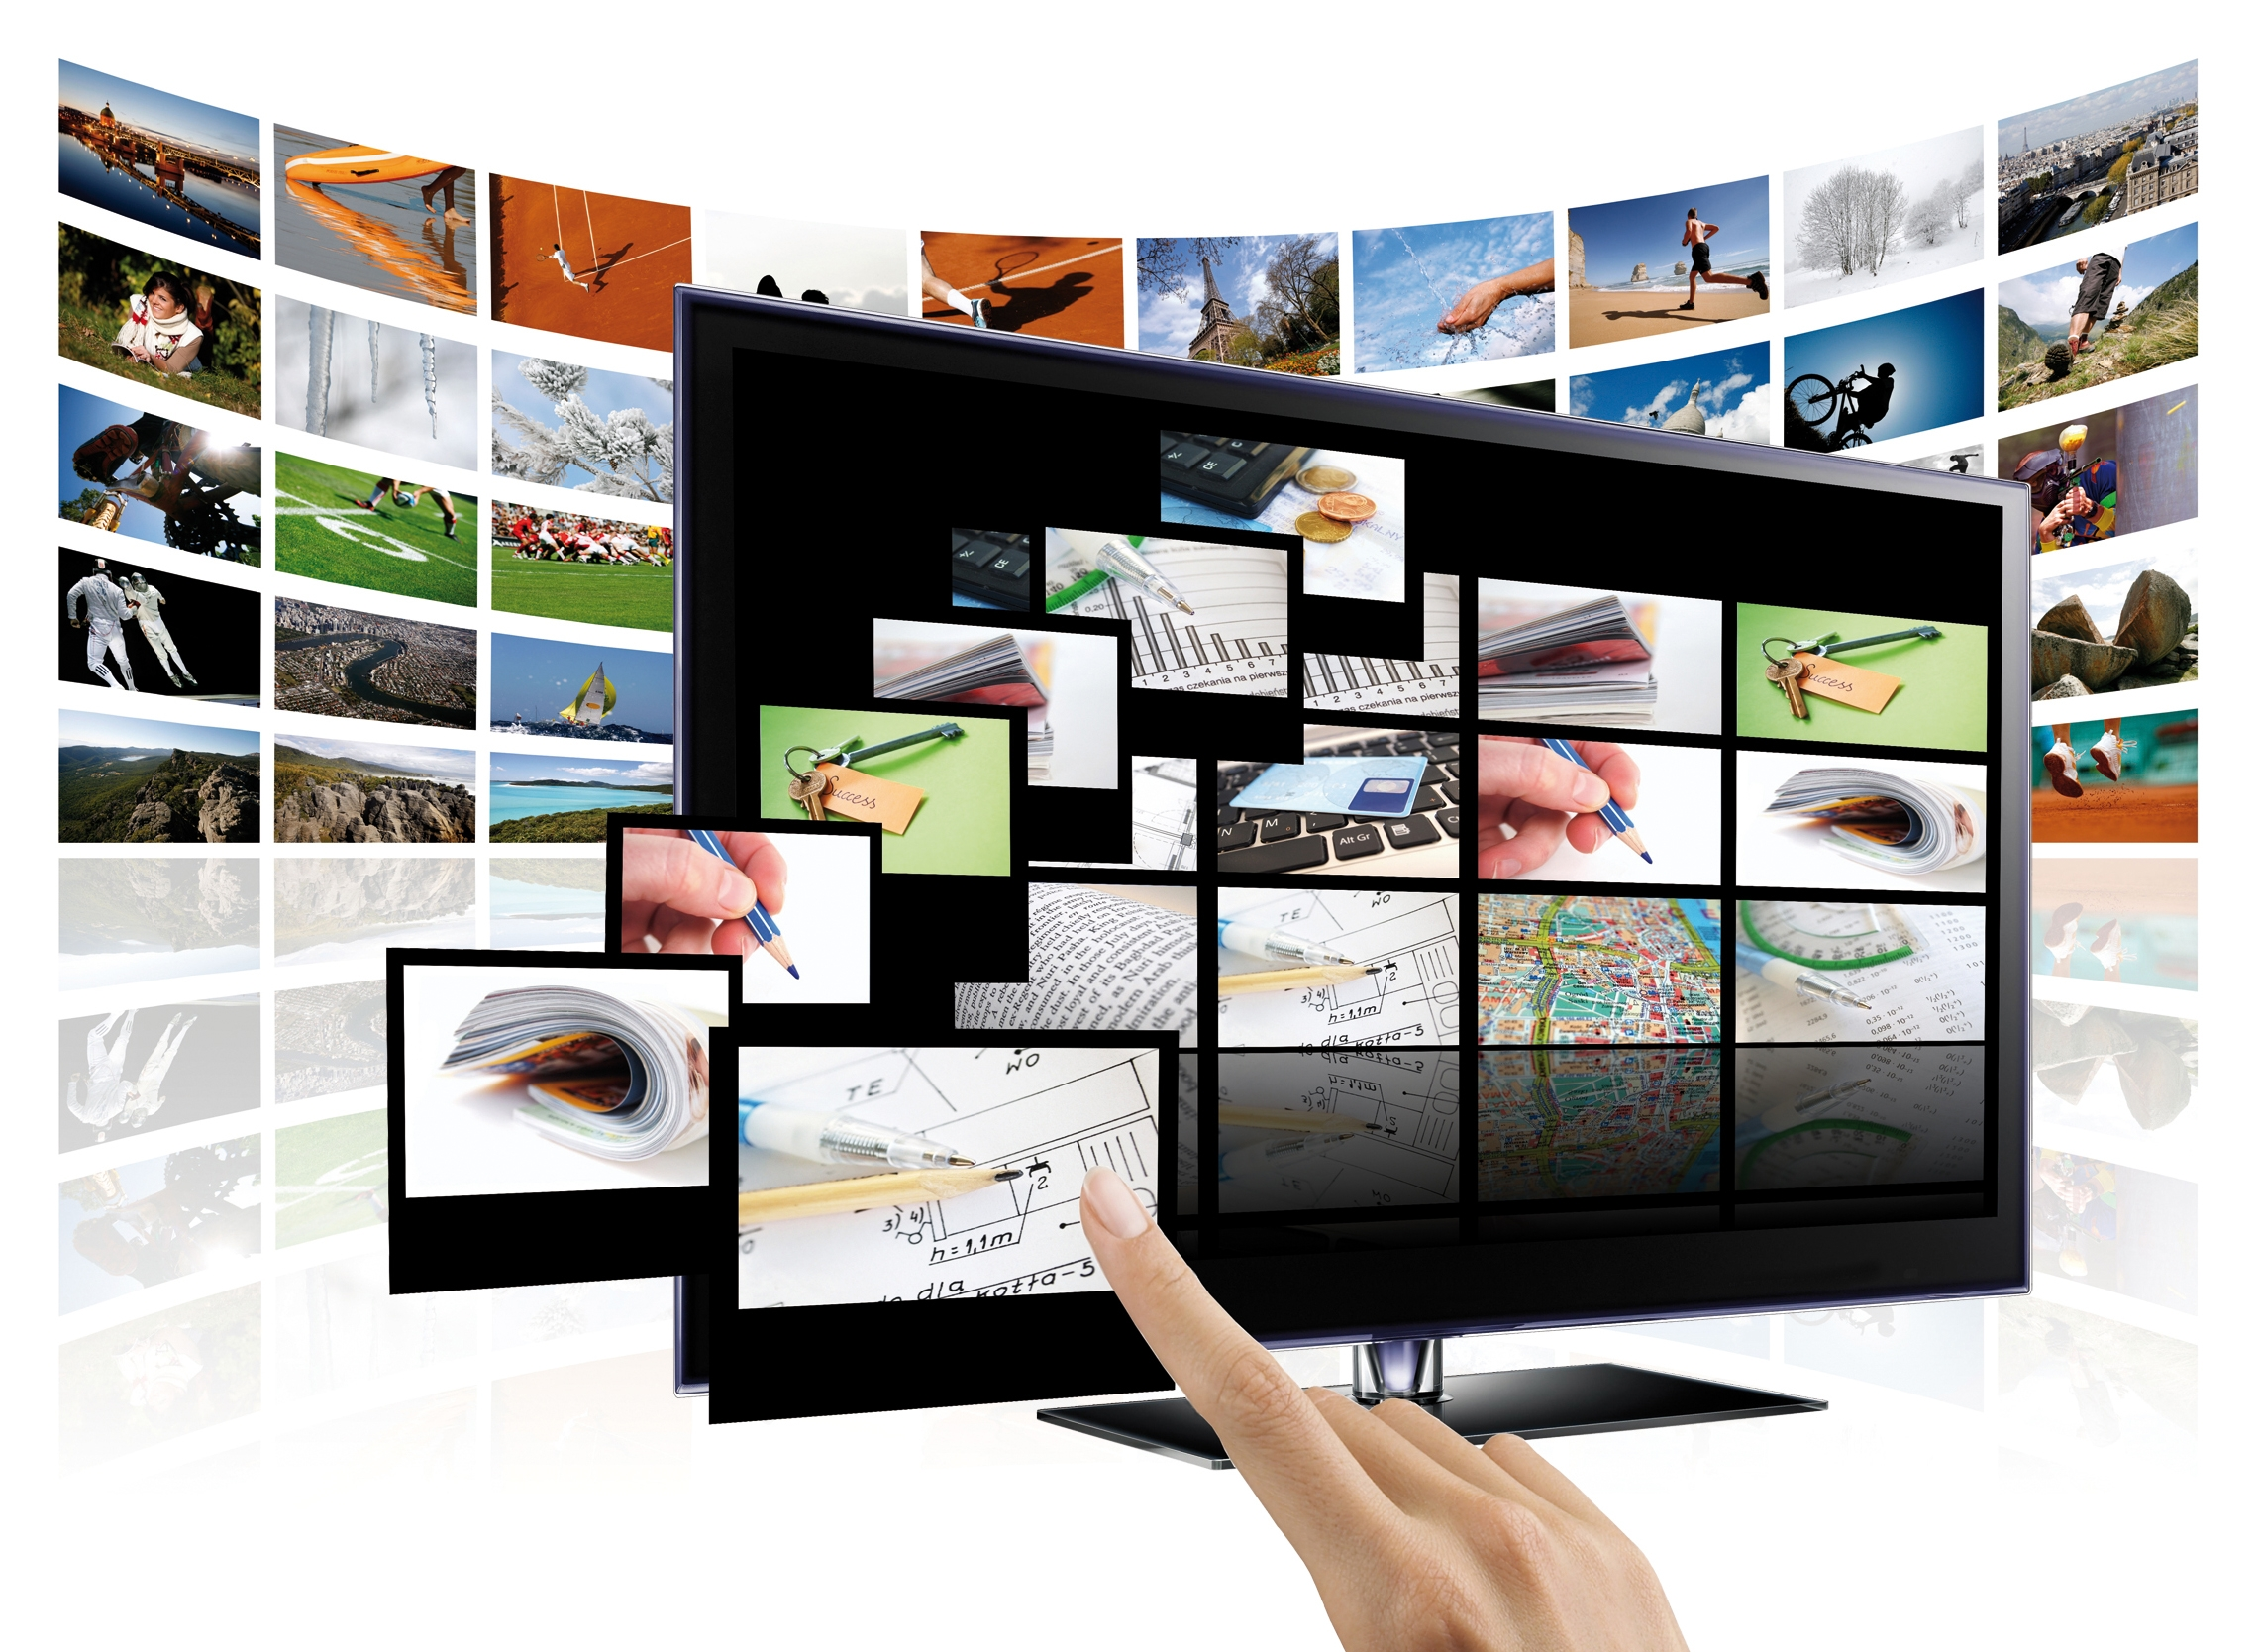 Investissements publicitaires la t l vision s 39 en sort mieux - Ne plus recevoir de coup de telephone publicitaire ...